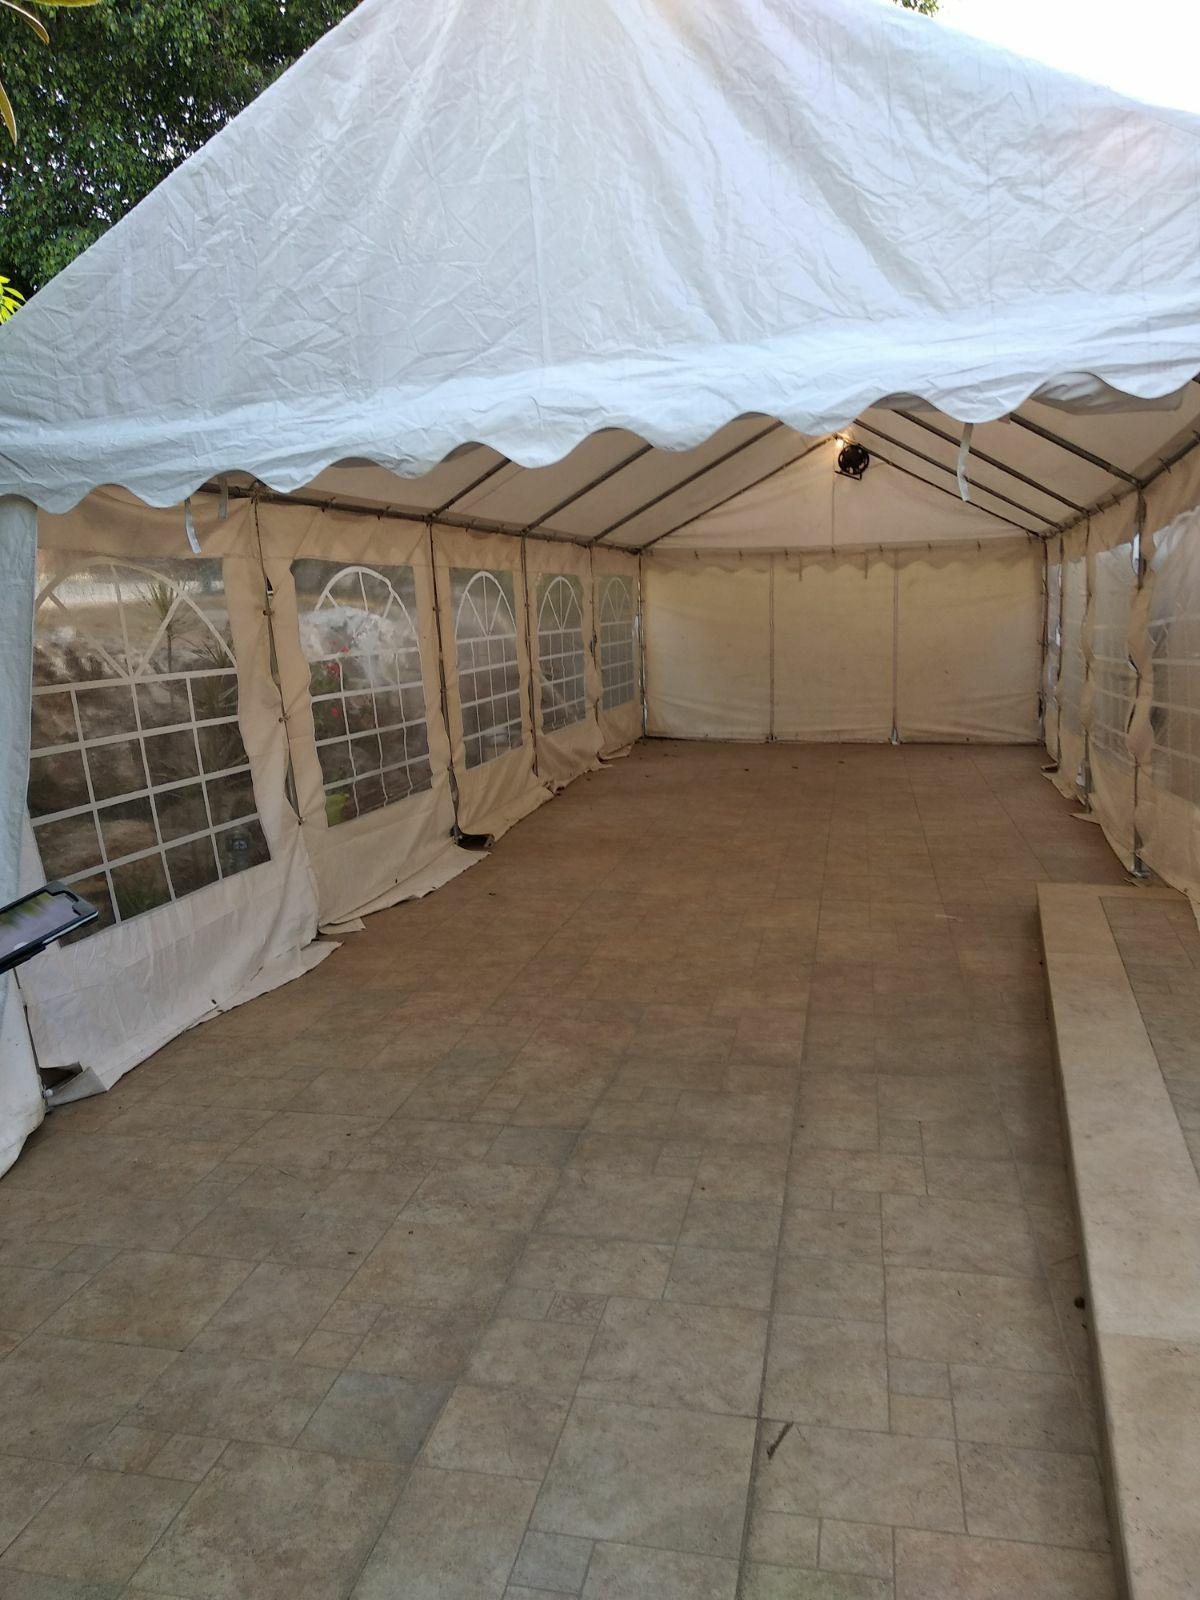 נפלאות אוהלים למכירה החל מ-1899₪ בלבד כנסו לראות מחירי גמח רק לעזור LX-01